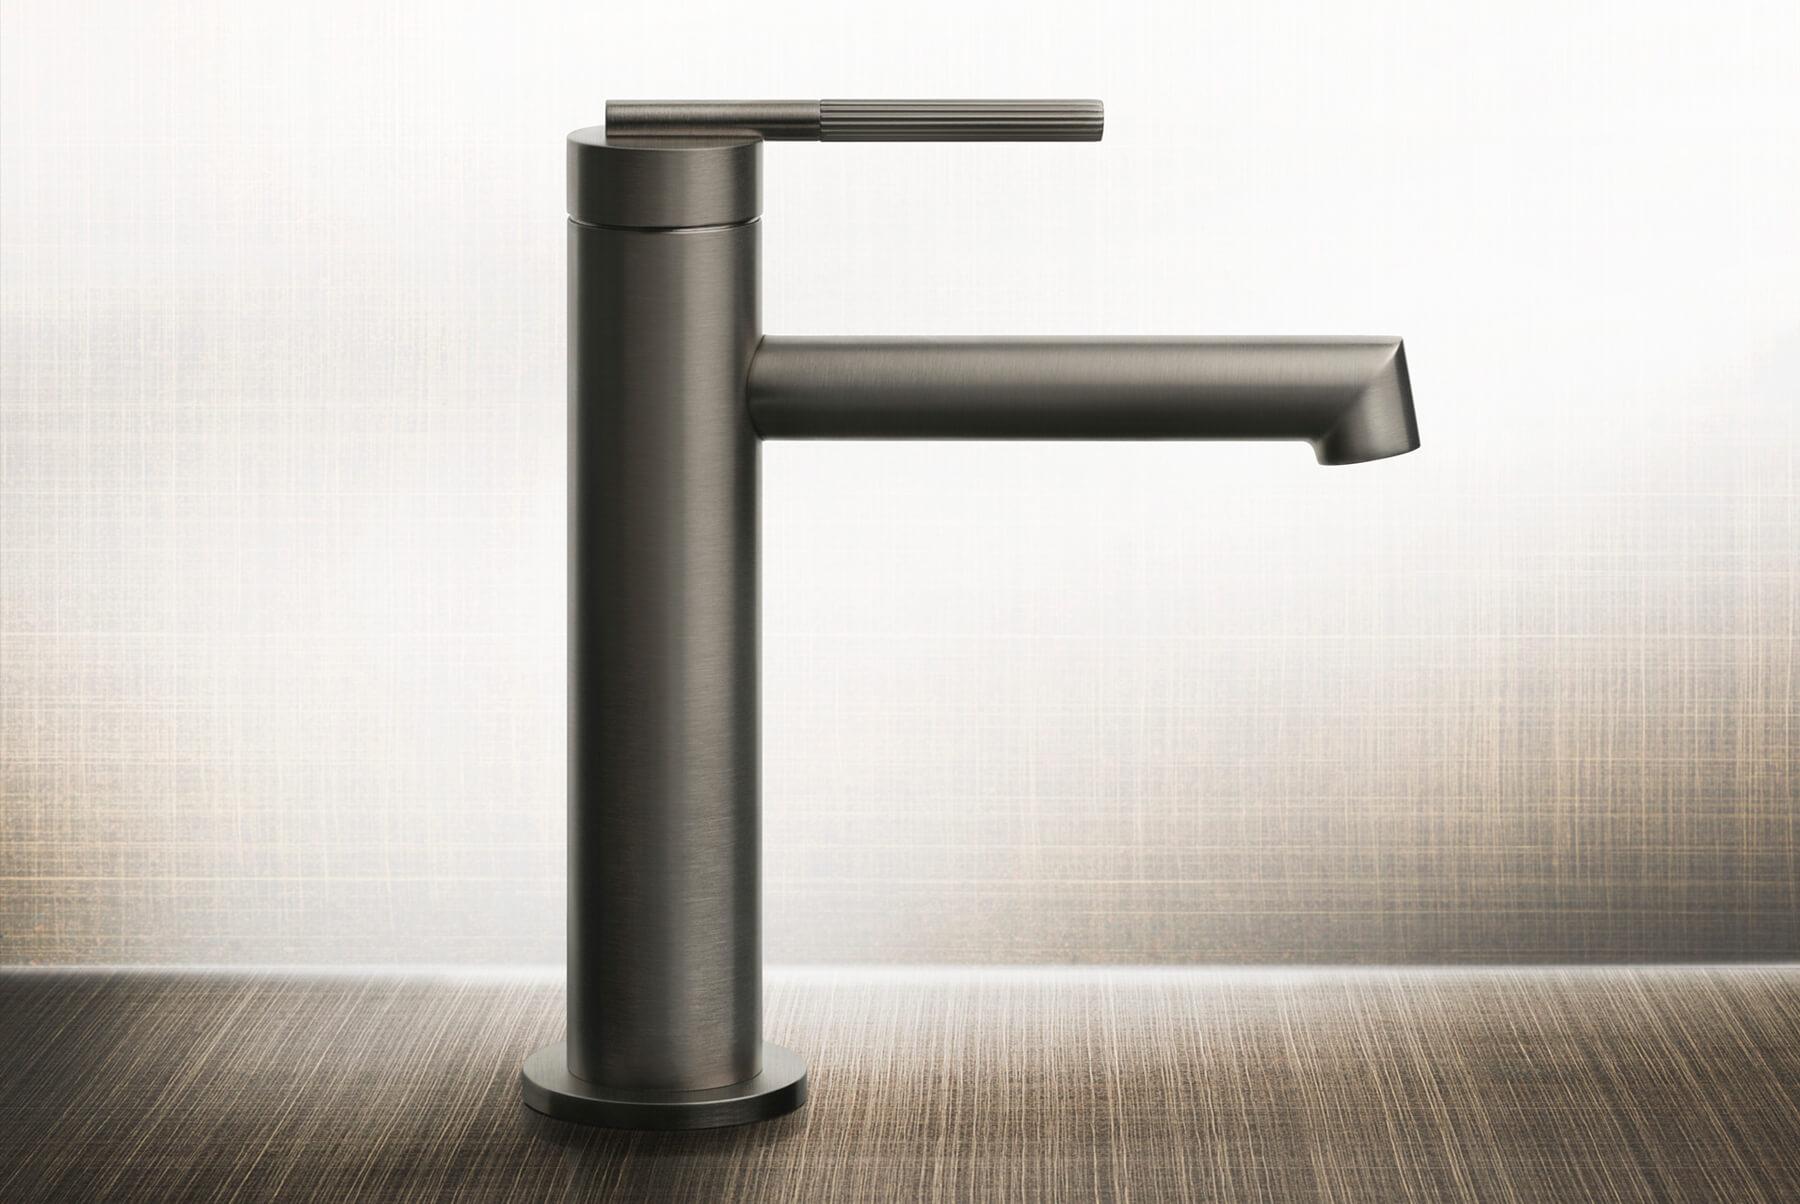 Brassware-GESSI-Ingranaggio-inset-3-1800x1204